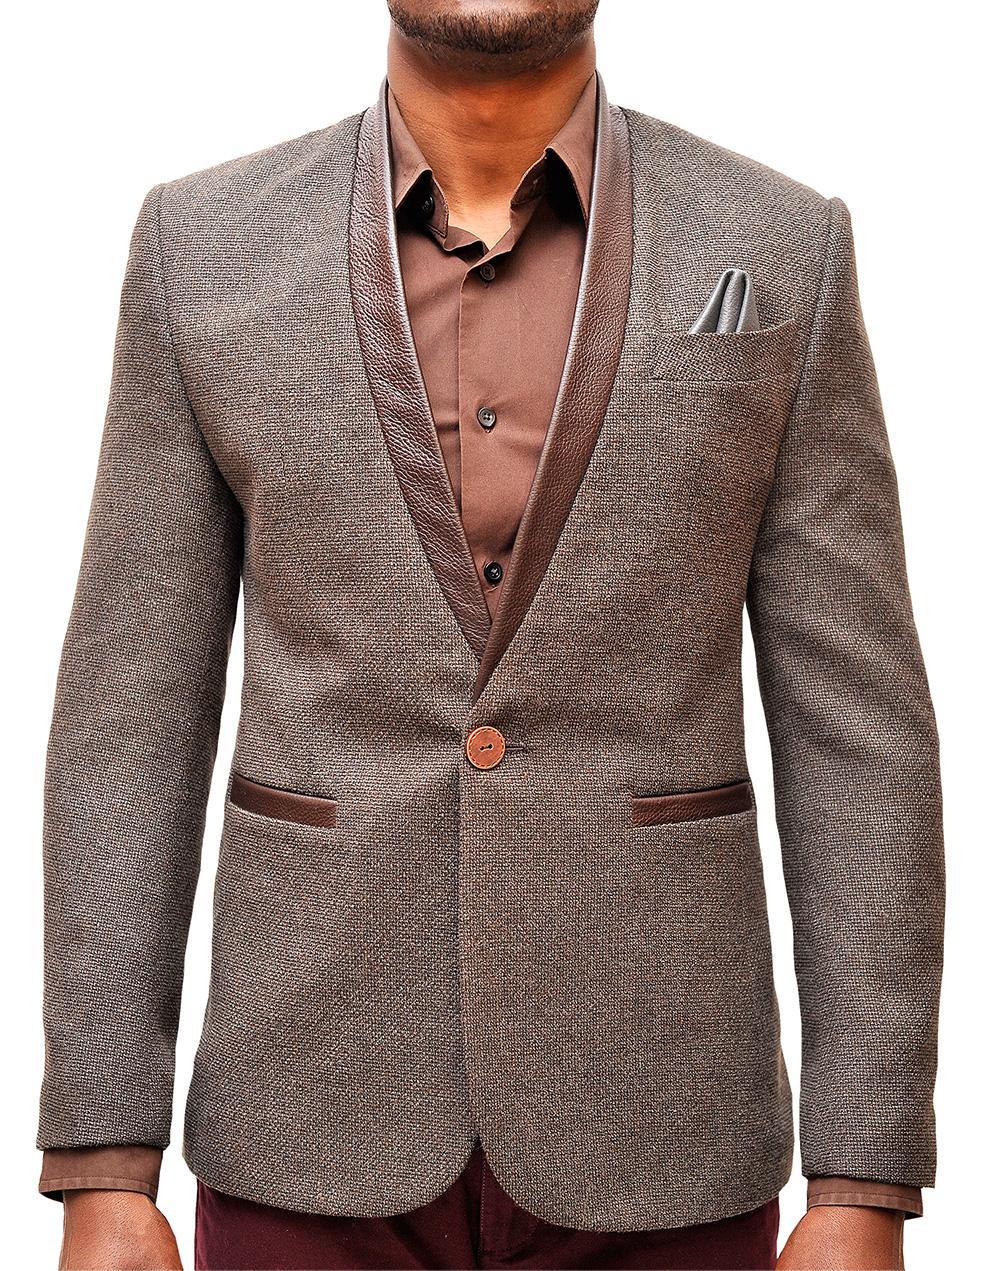 birthday gift for stylish man Nairobi Kenya